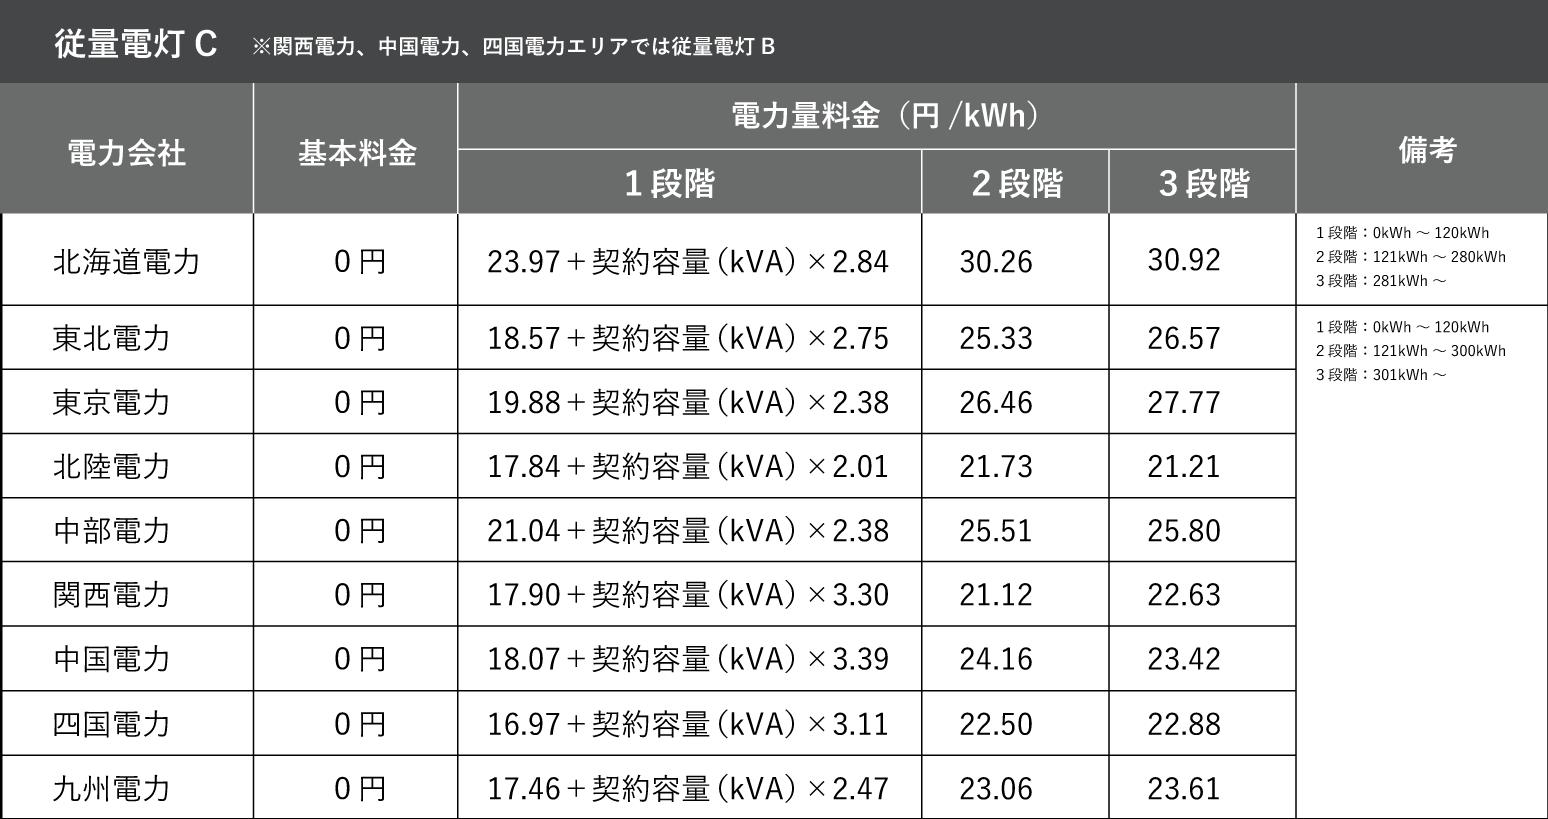 従量電灯C(関西電力、中国電力エリアでは従量電灯B)